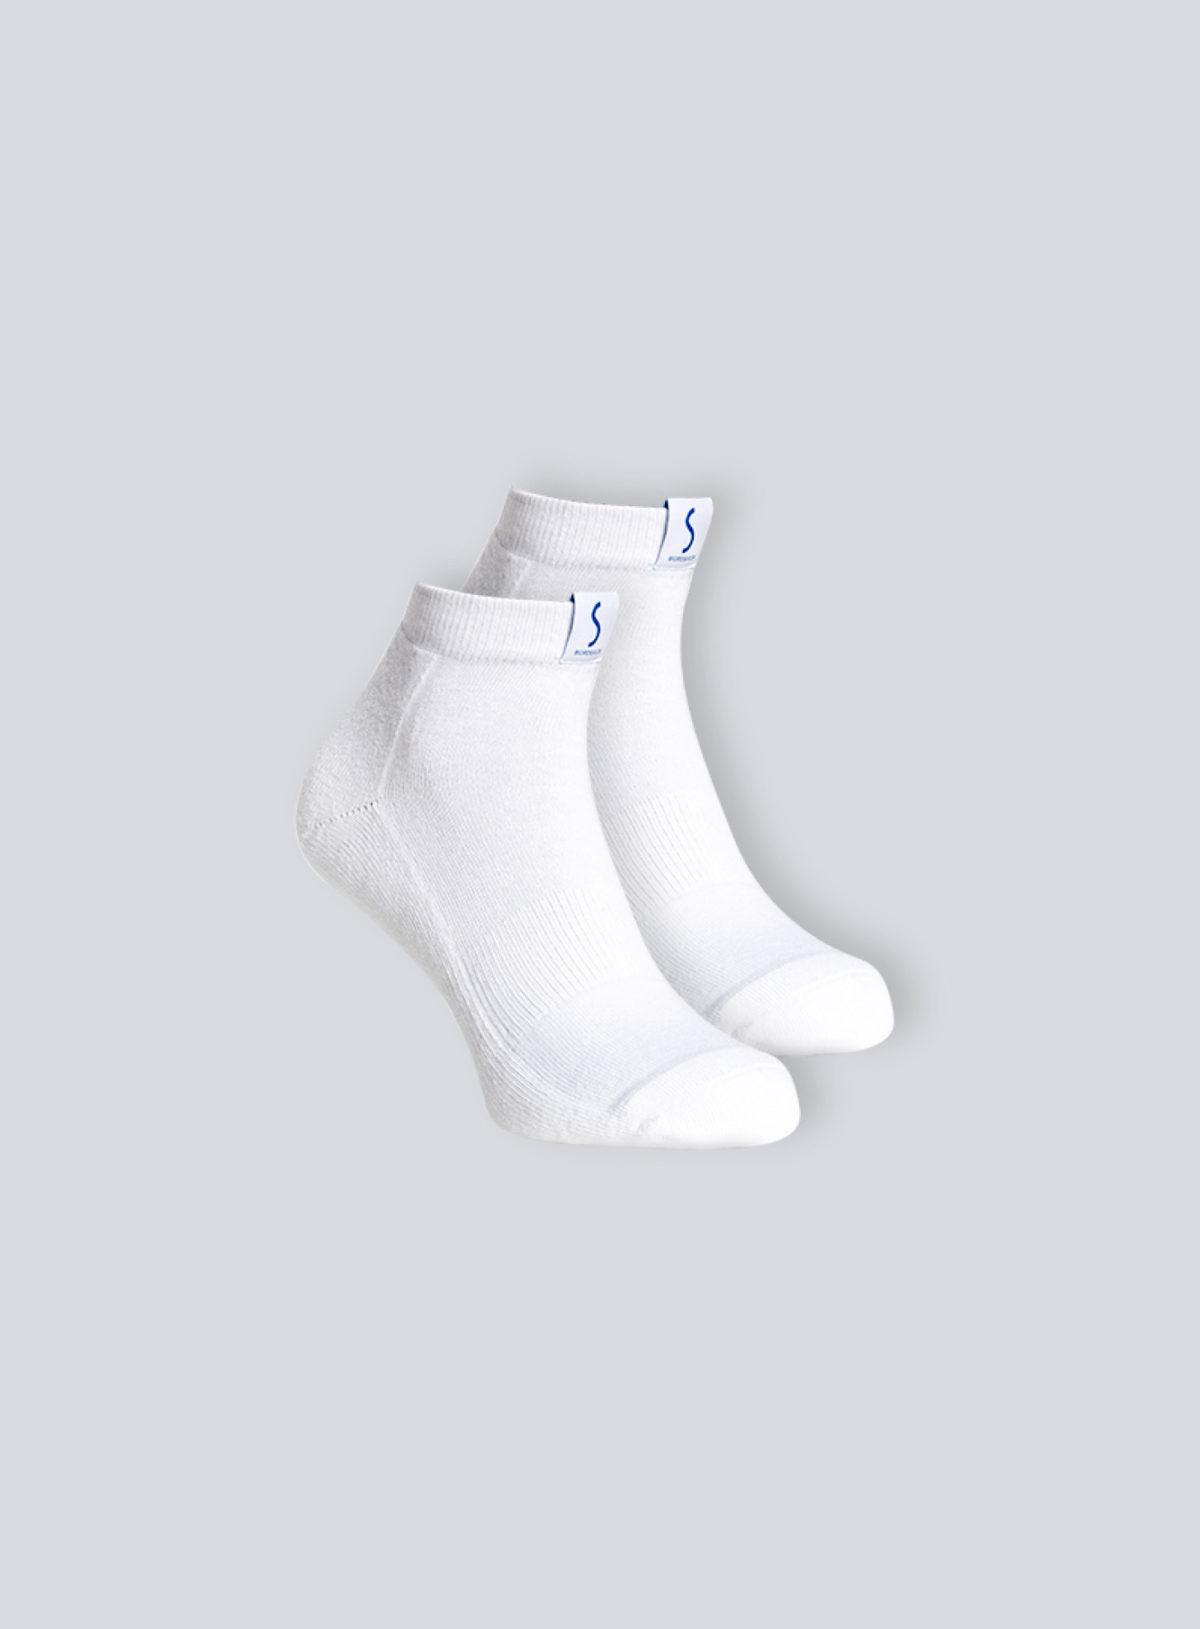 Deux paires de chaussettes socquettes blanches pour le sport pour homme de la marque S BORDEAUX